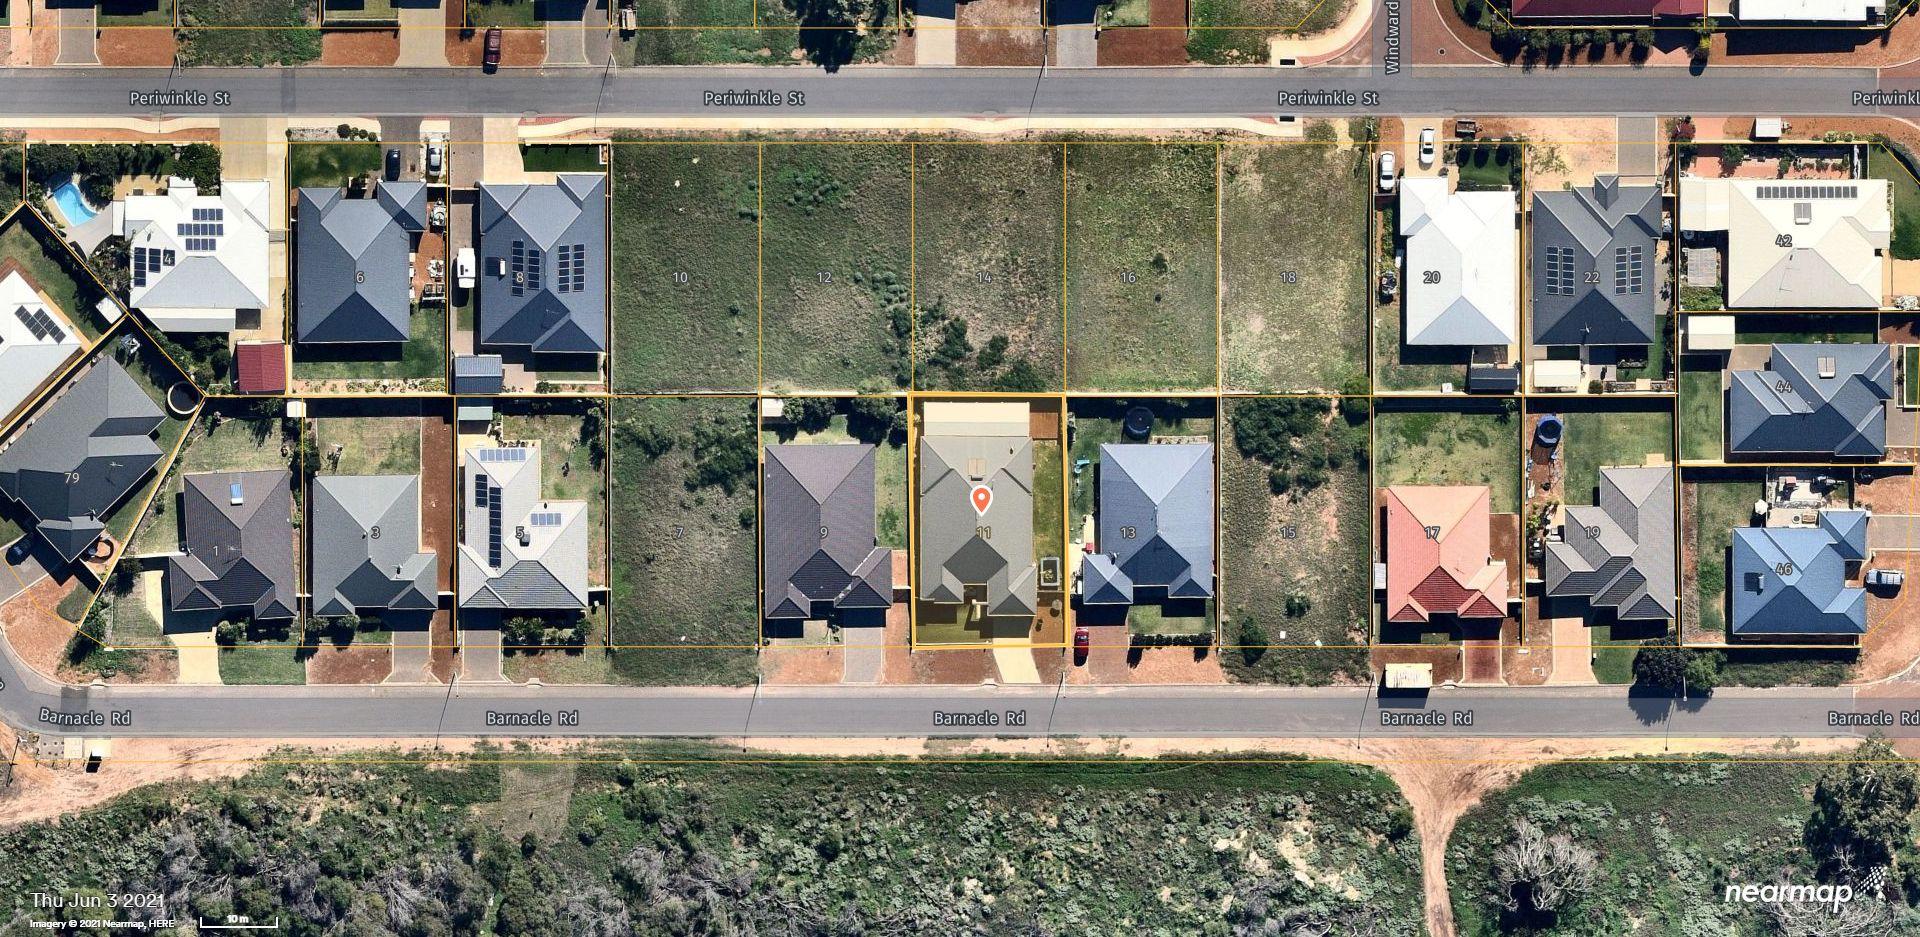 11 Barnacle Road, Drummond Cove WA 6532, Image 0